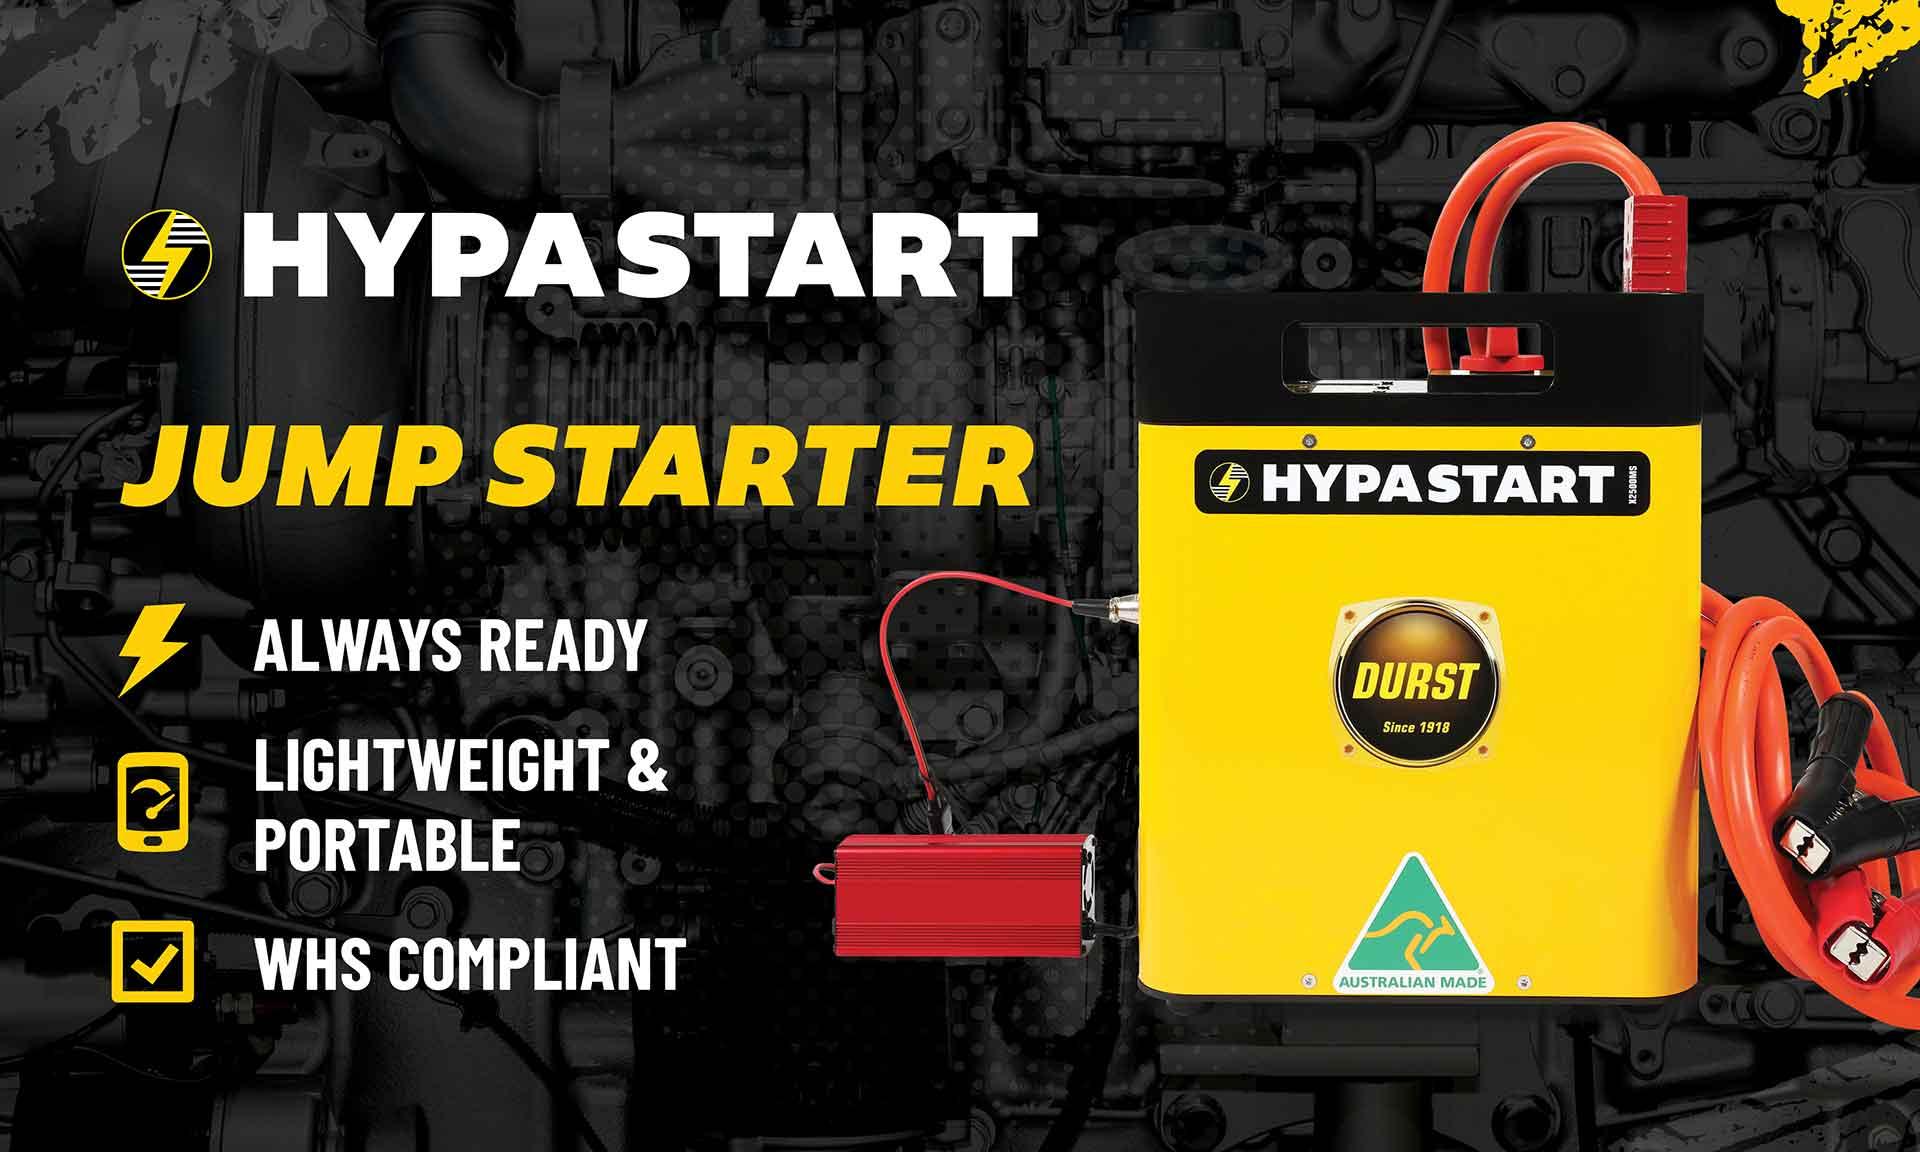 HYPASTART-Jump-Starter-June-2021